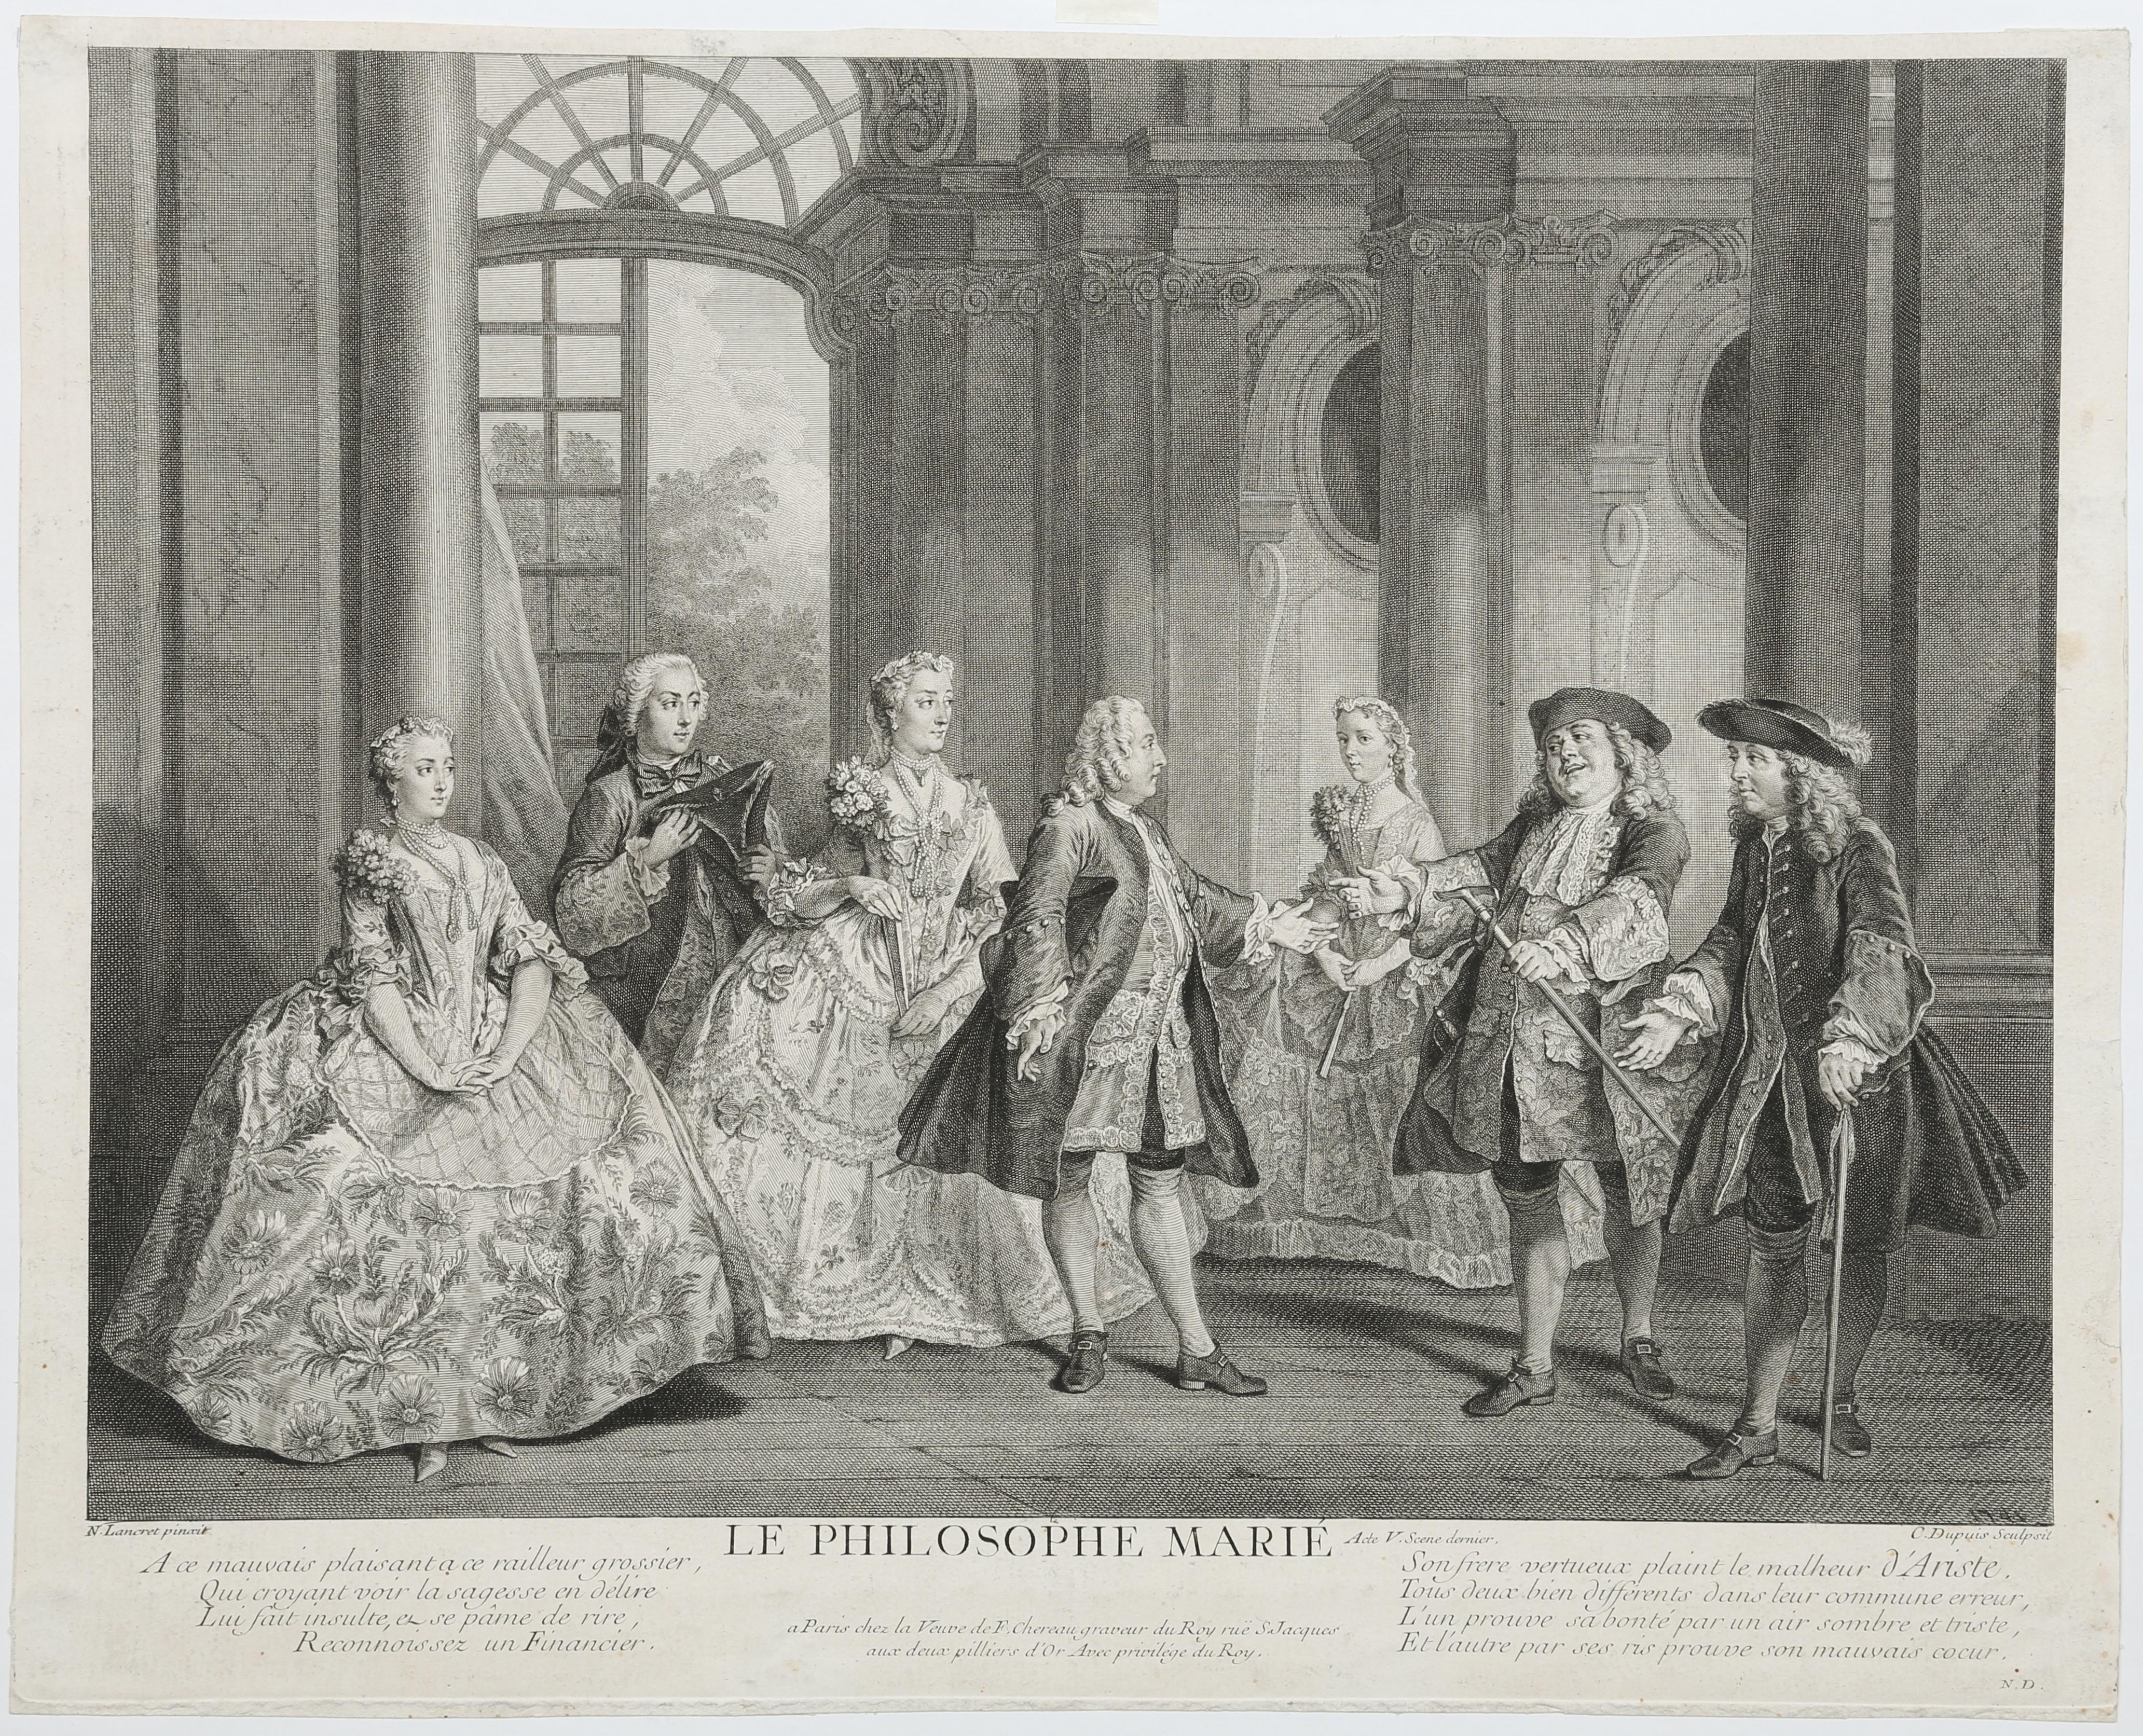 Lancret W258. 1739 Le philosophe marie